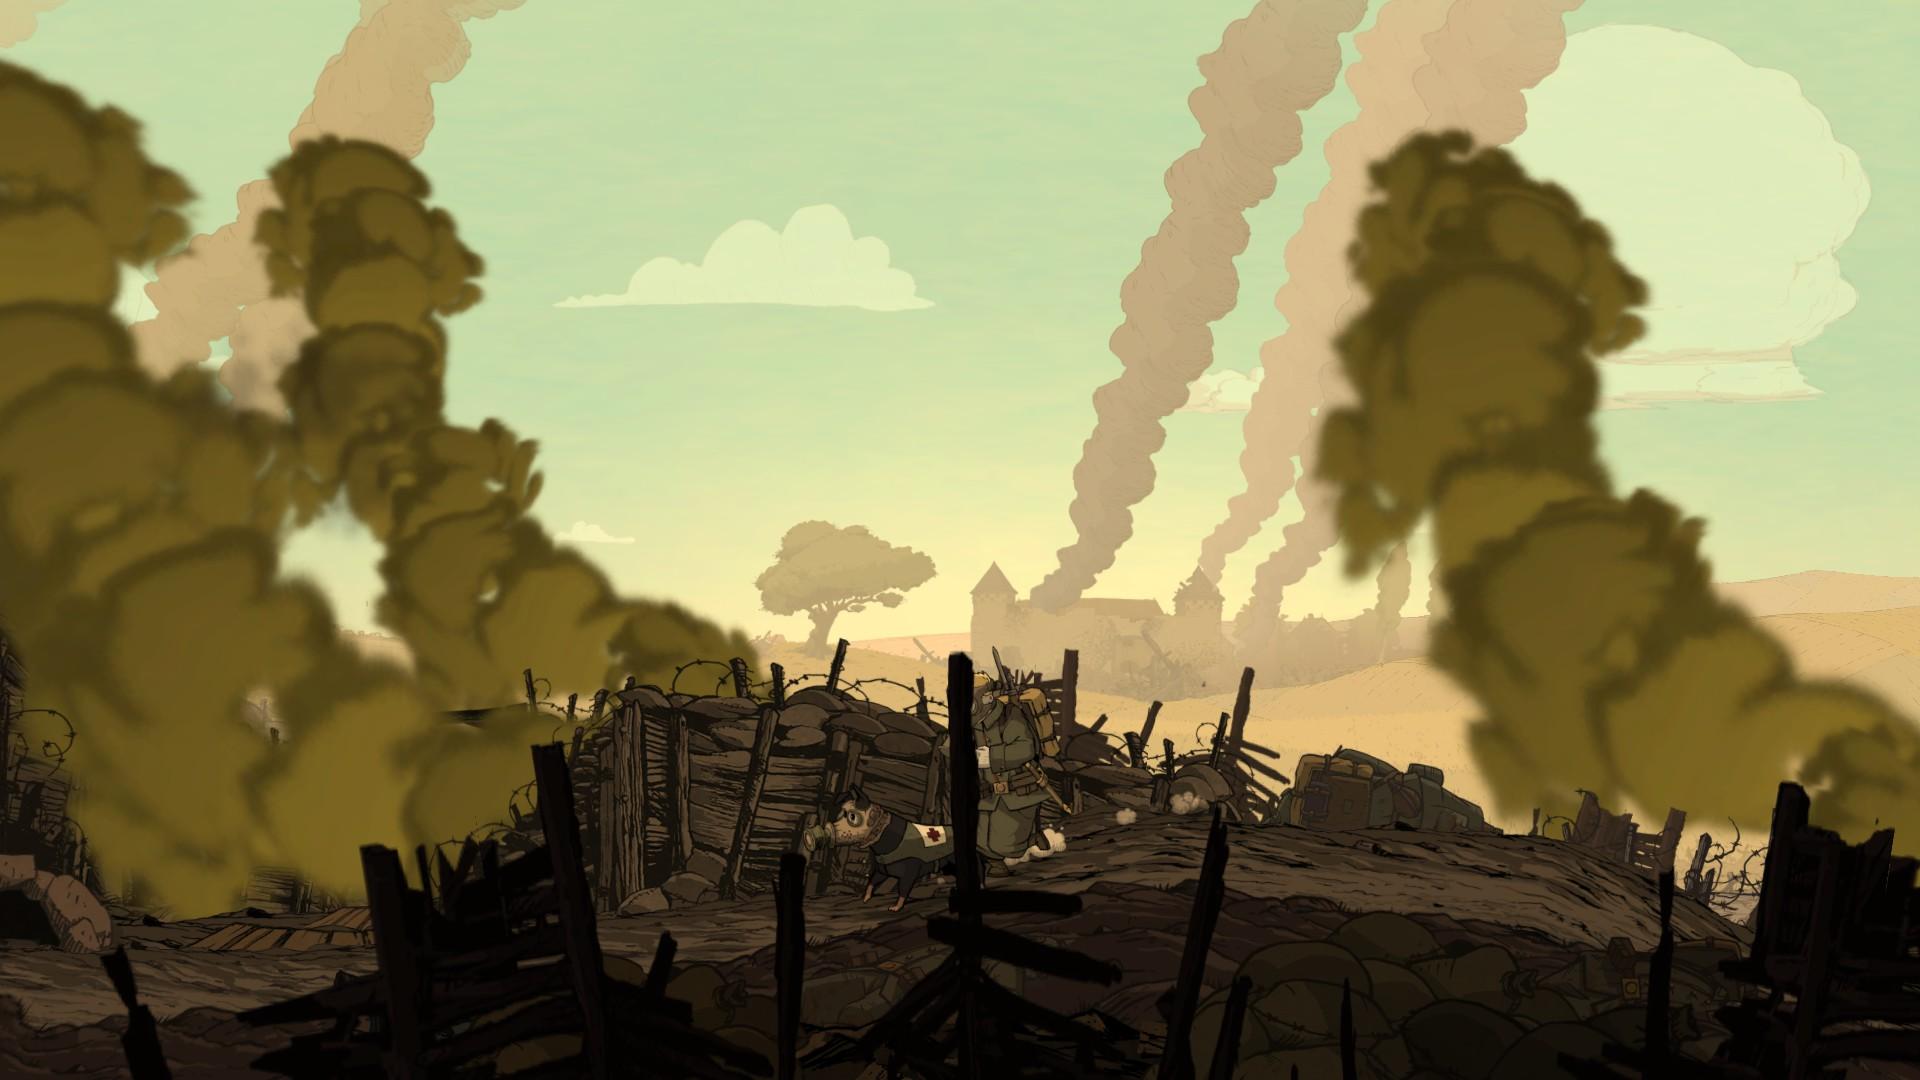 Žiadna next-gen grafika nie je potrebná. UbiArt dokáže znázorniť hrôzy vojny i bez nej.